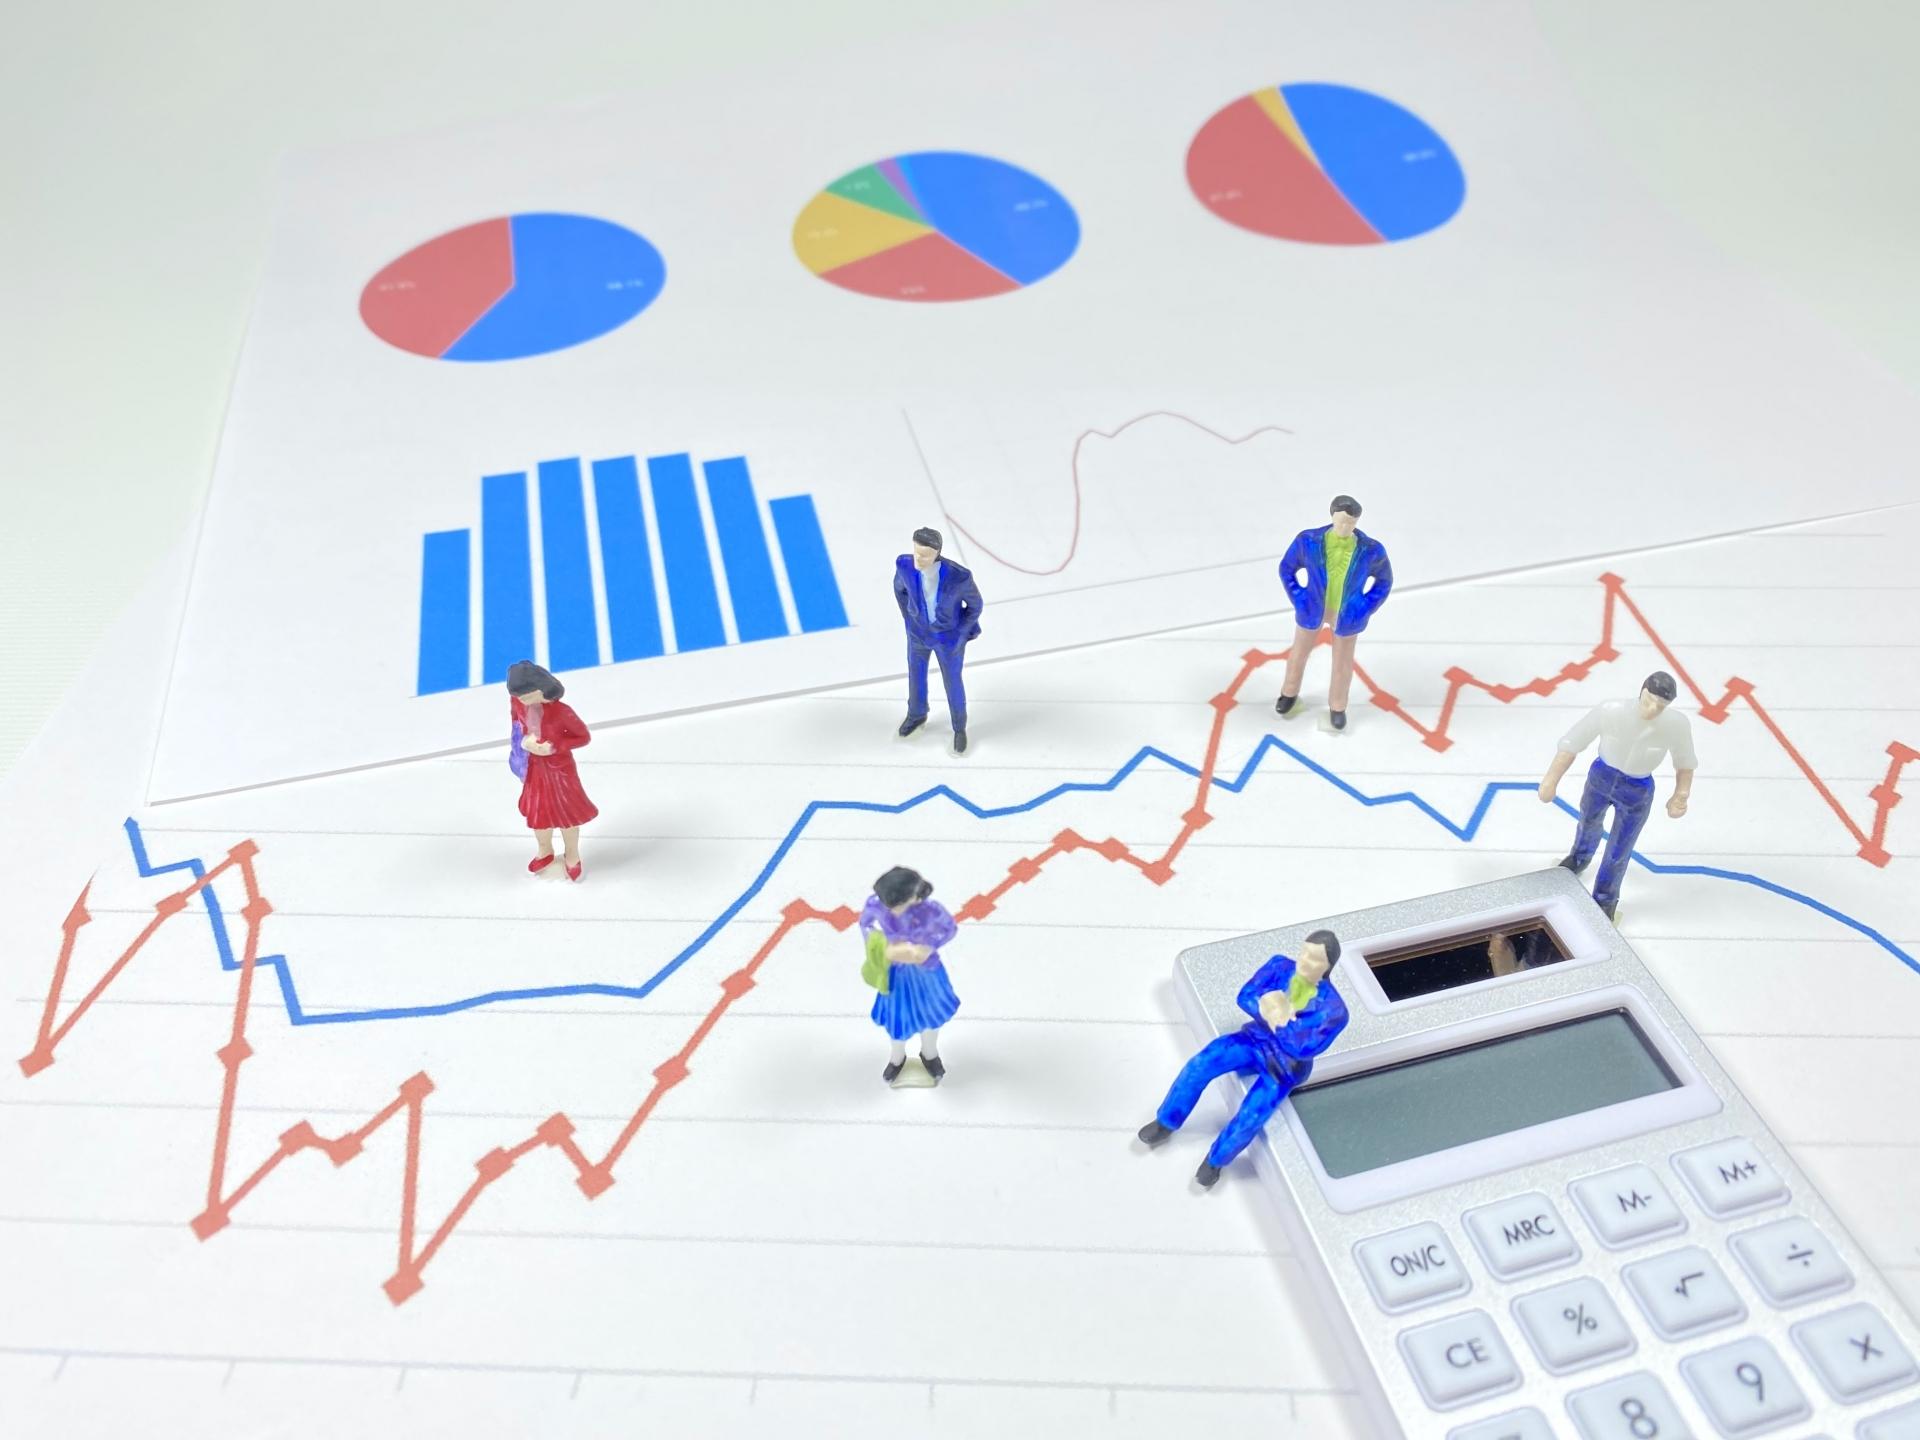 第233話|課題発見型データ分析と課題解決型データ分析